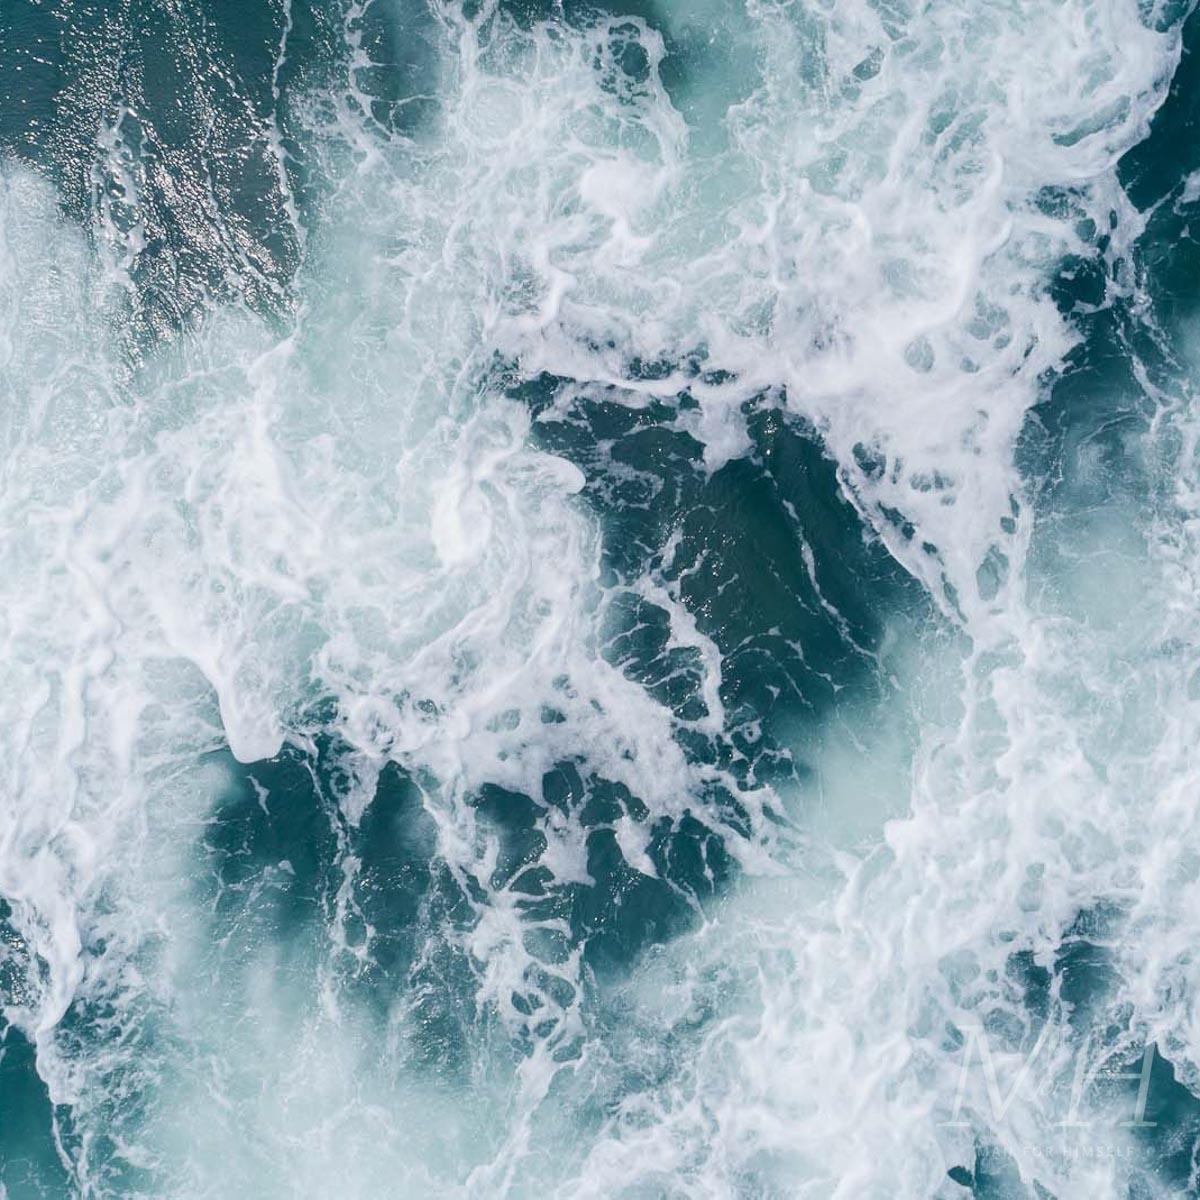 sea-salt-spray-wave-grooming-man-for-himself